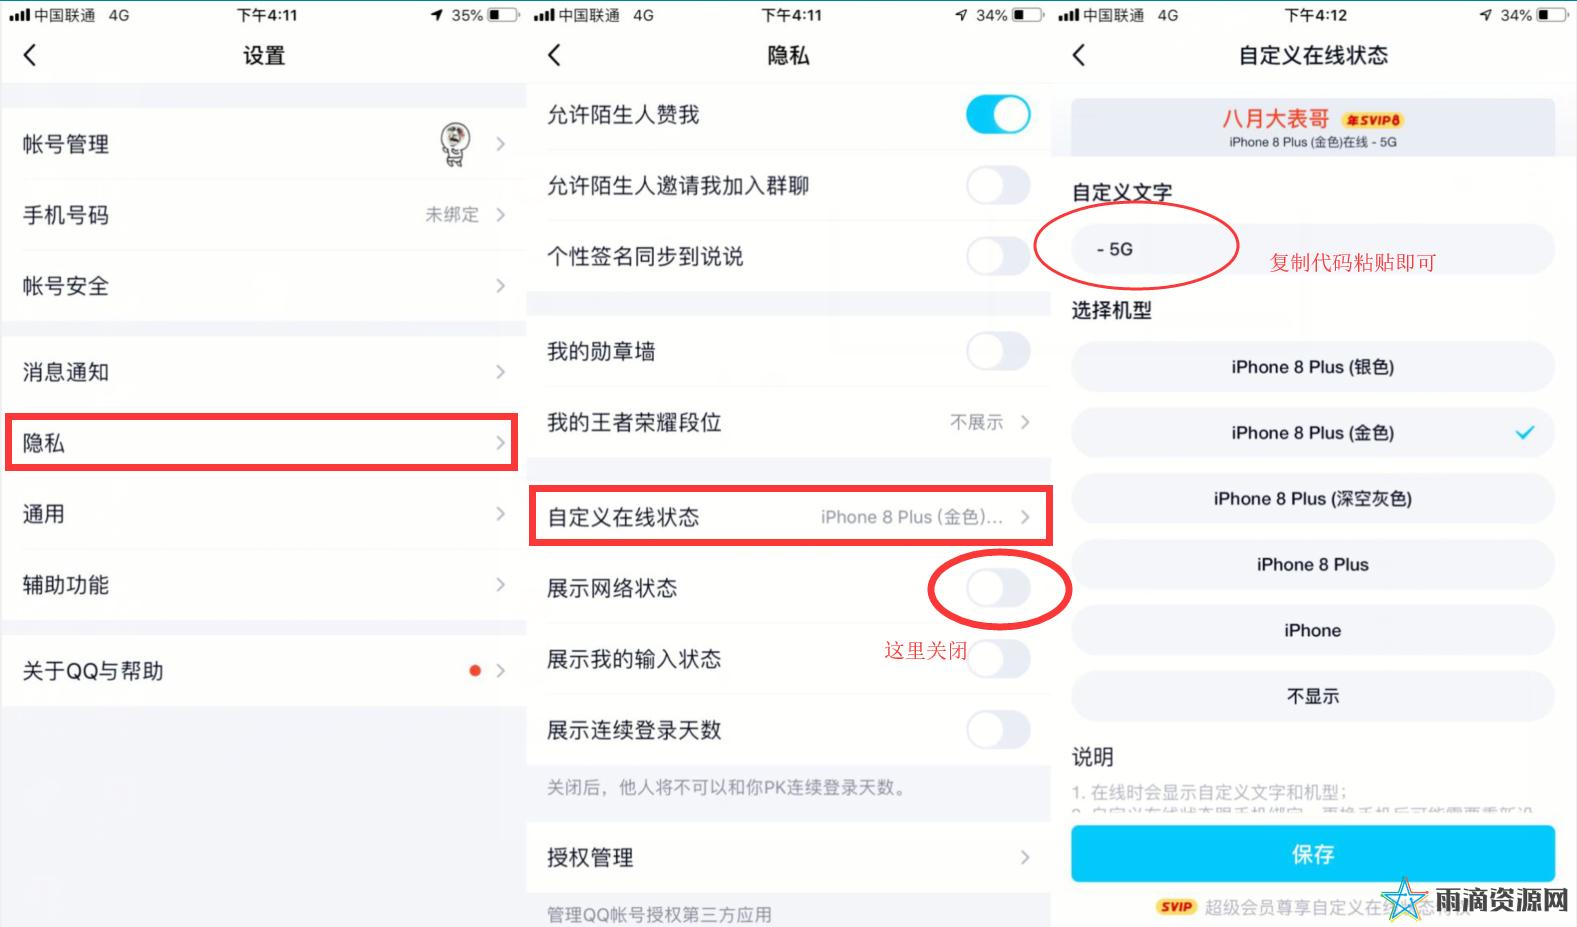 【技术教程】一段代码卡QQ装逼5G在线